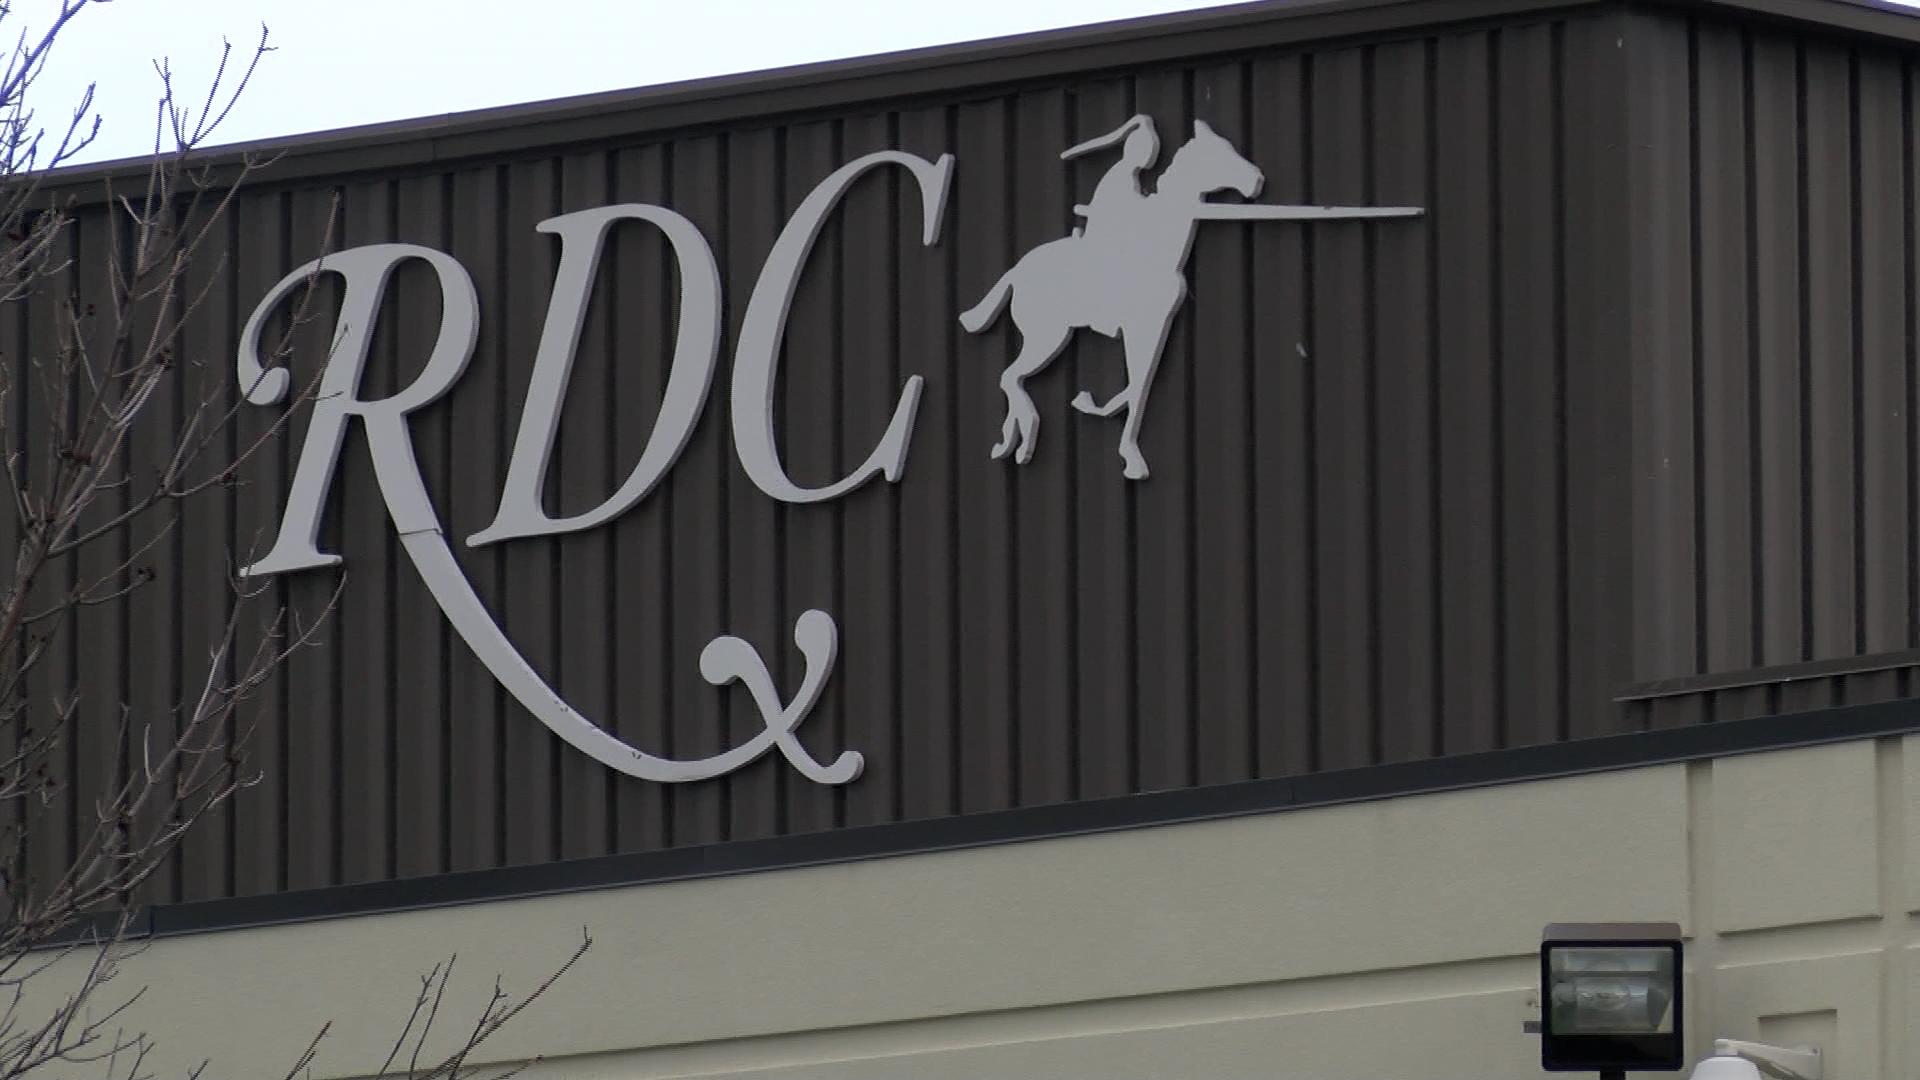 rochester drug co-operative rdc_1556046942506.jpg.jpg